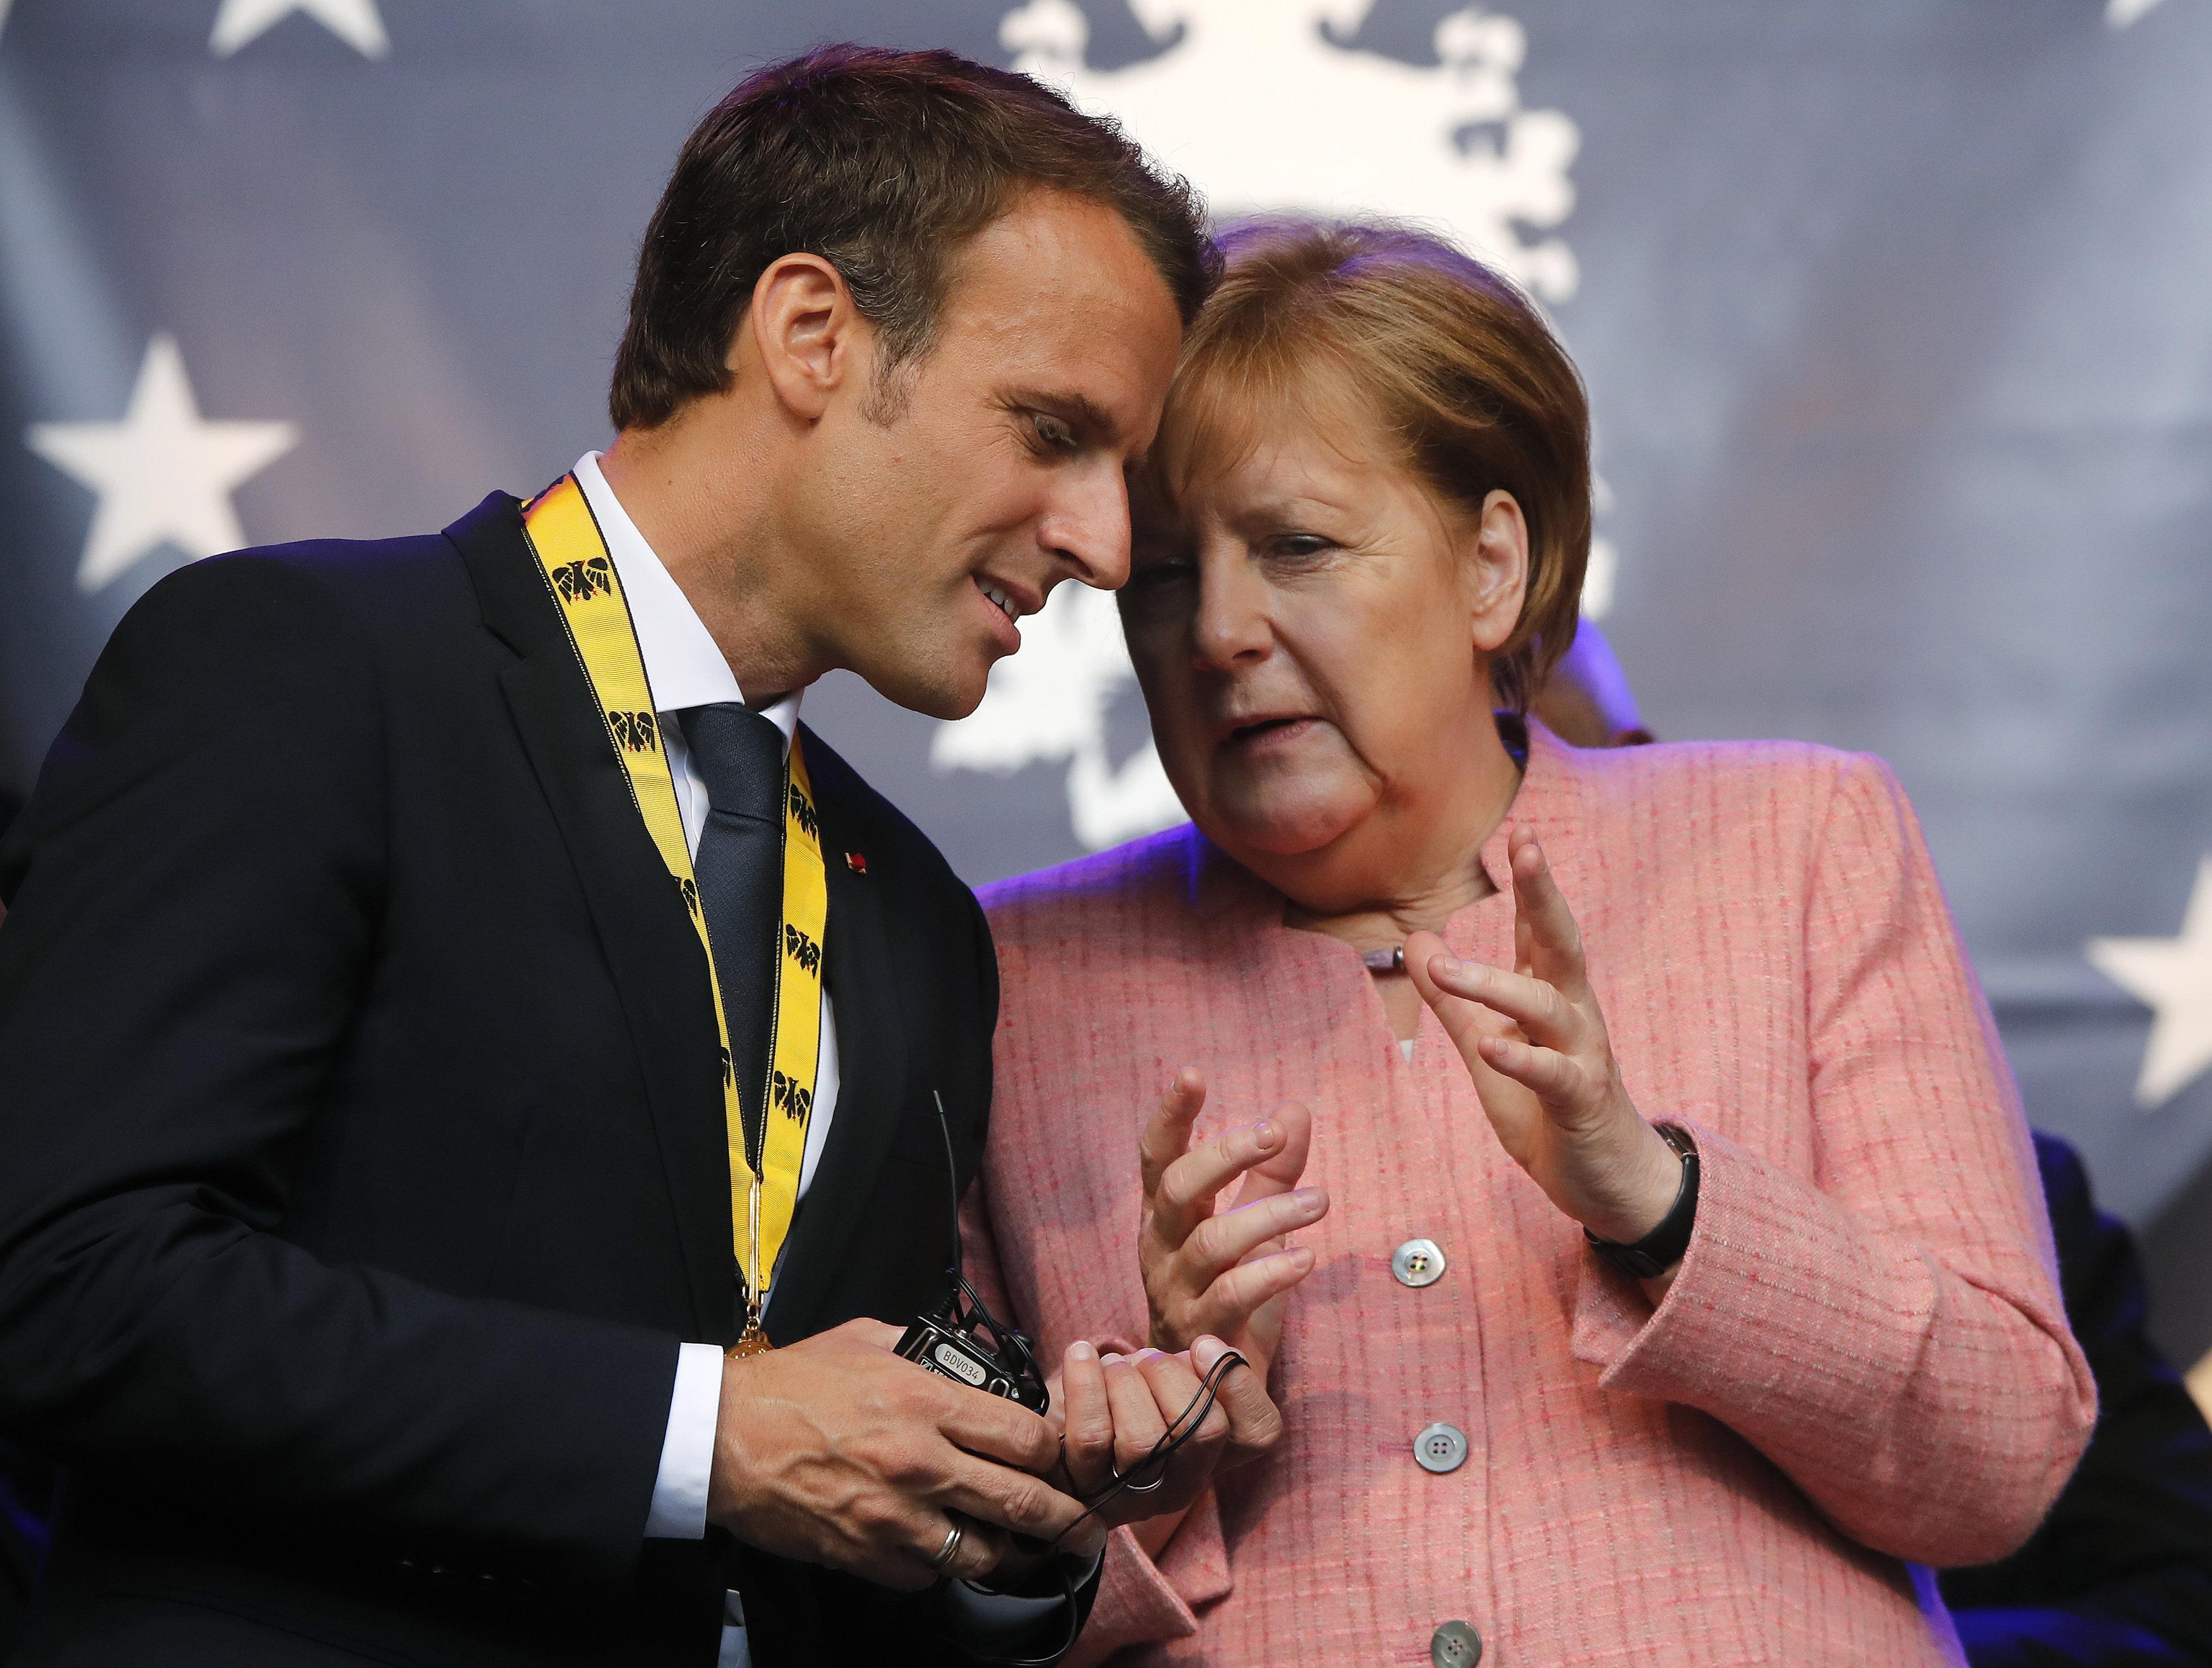 Σύγκλιση Μέρκελ - Μακρόν για τη μεταρρύθμιση της Ευρωζώνης και της